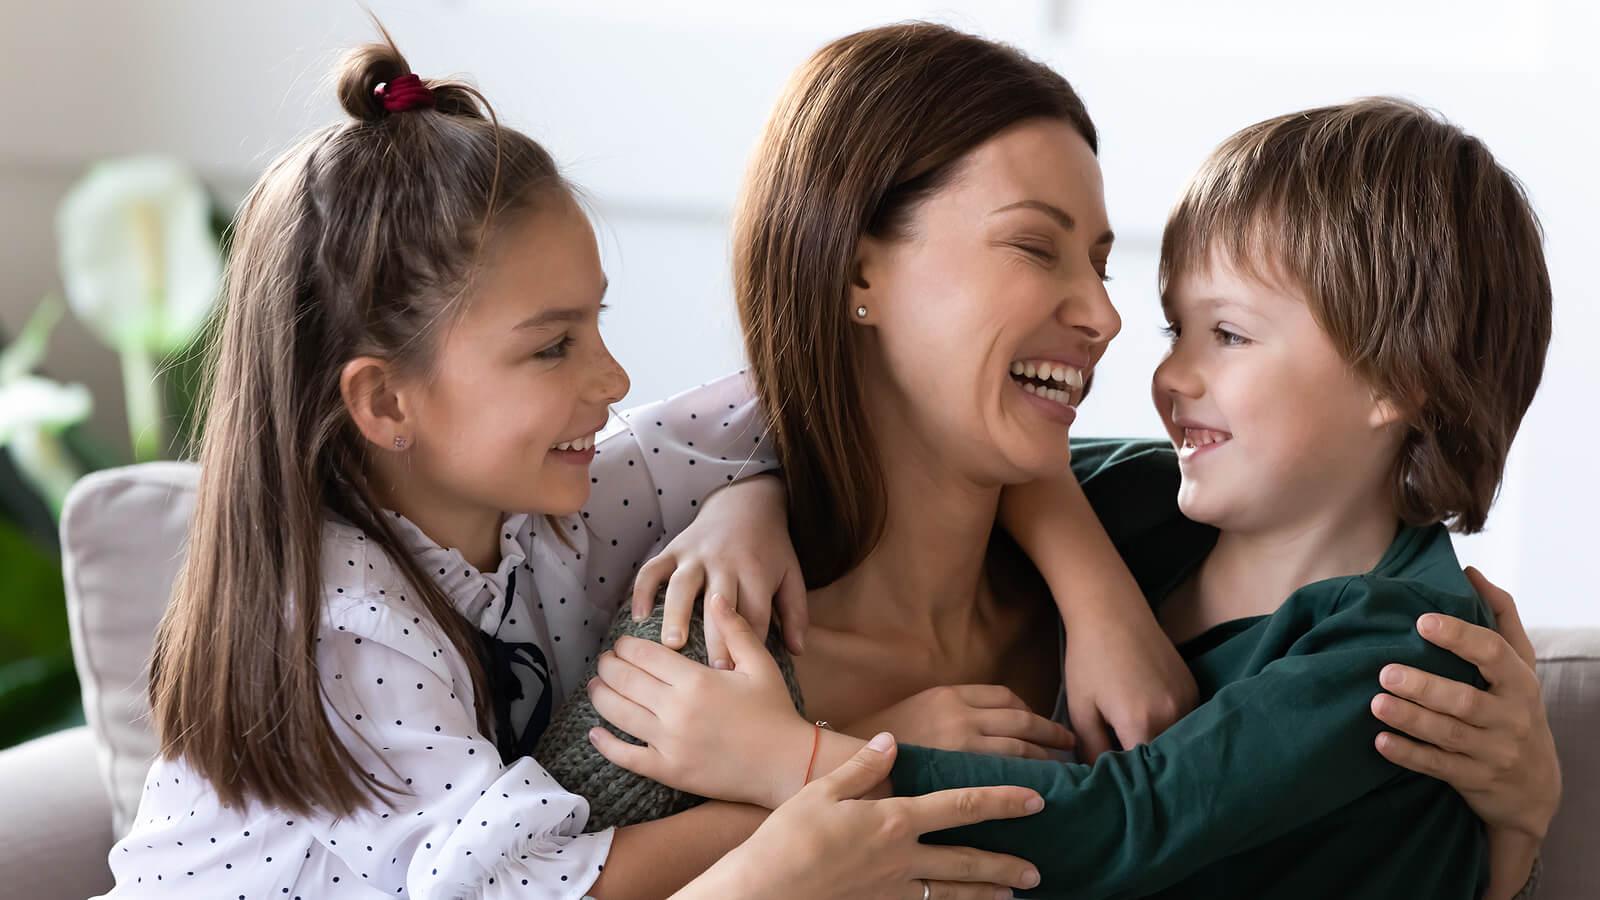 Madre abrazando y dedicando frases de amor a sus hijos.